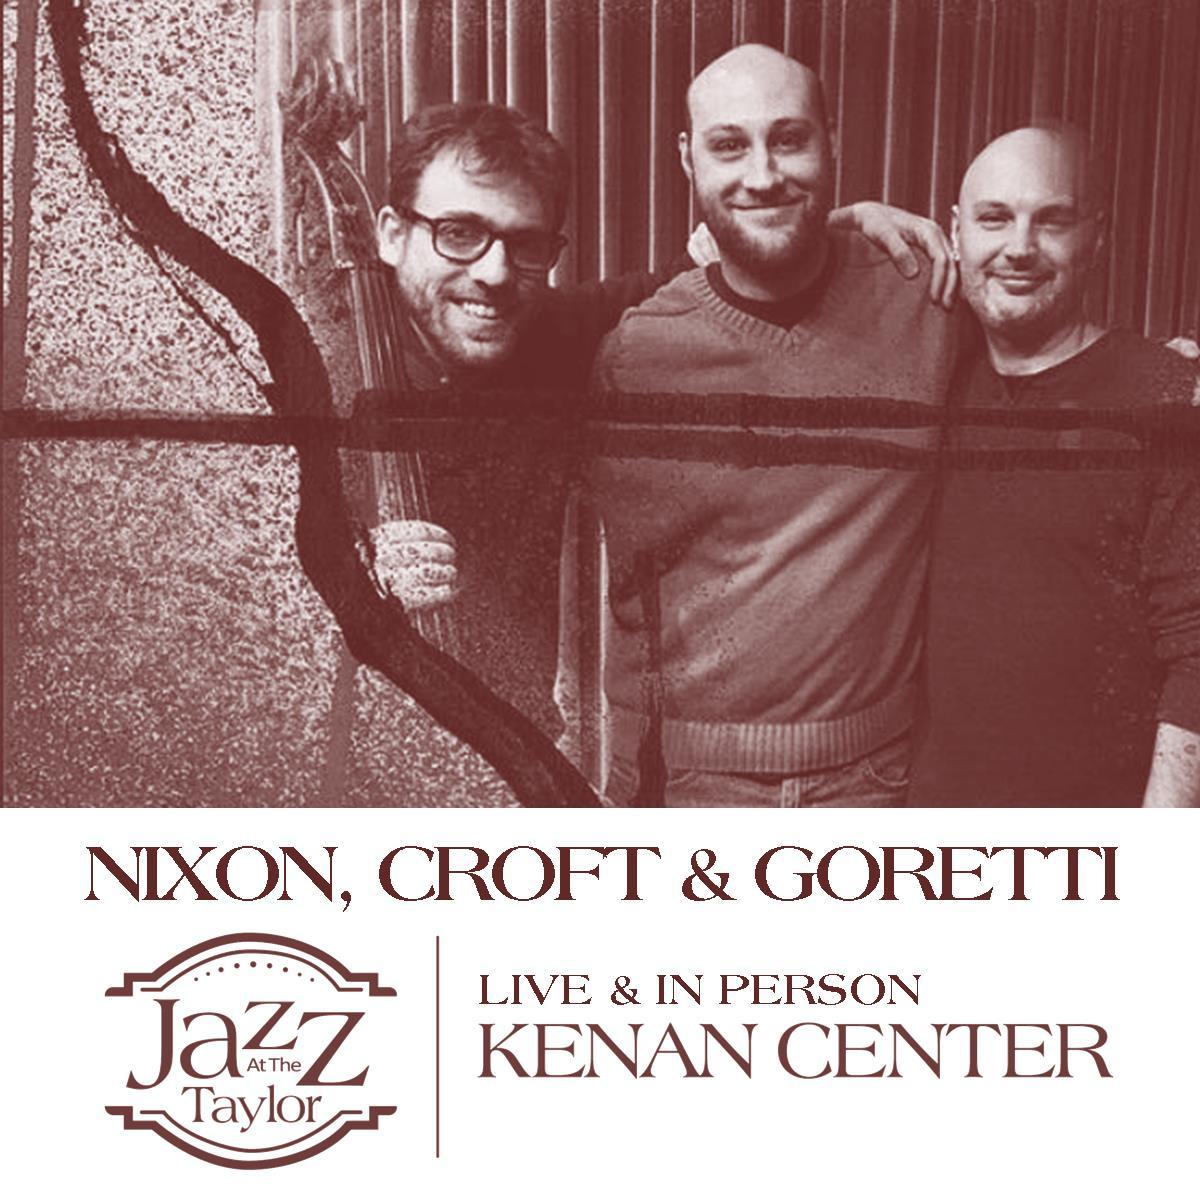 Jazz at the Taylor Presents Nixon, Croft & Goretti Celebrate the music of Chick Corea